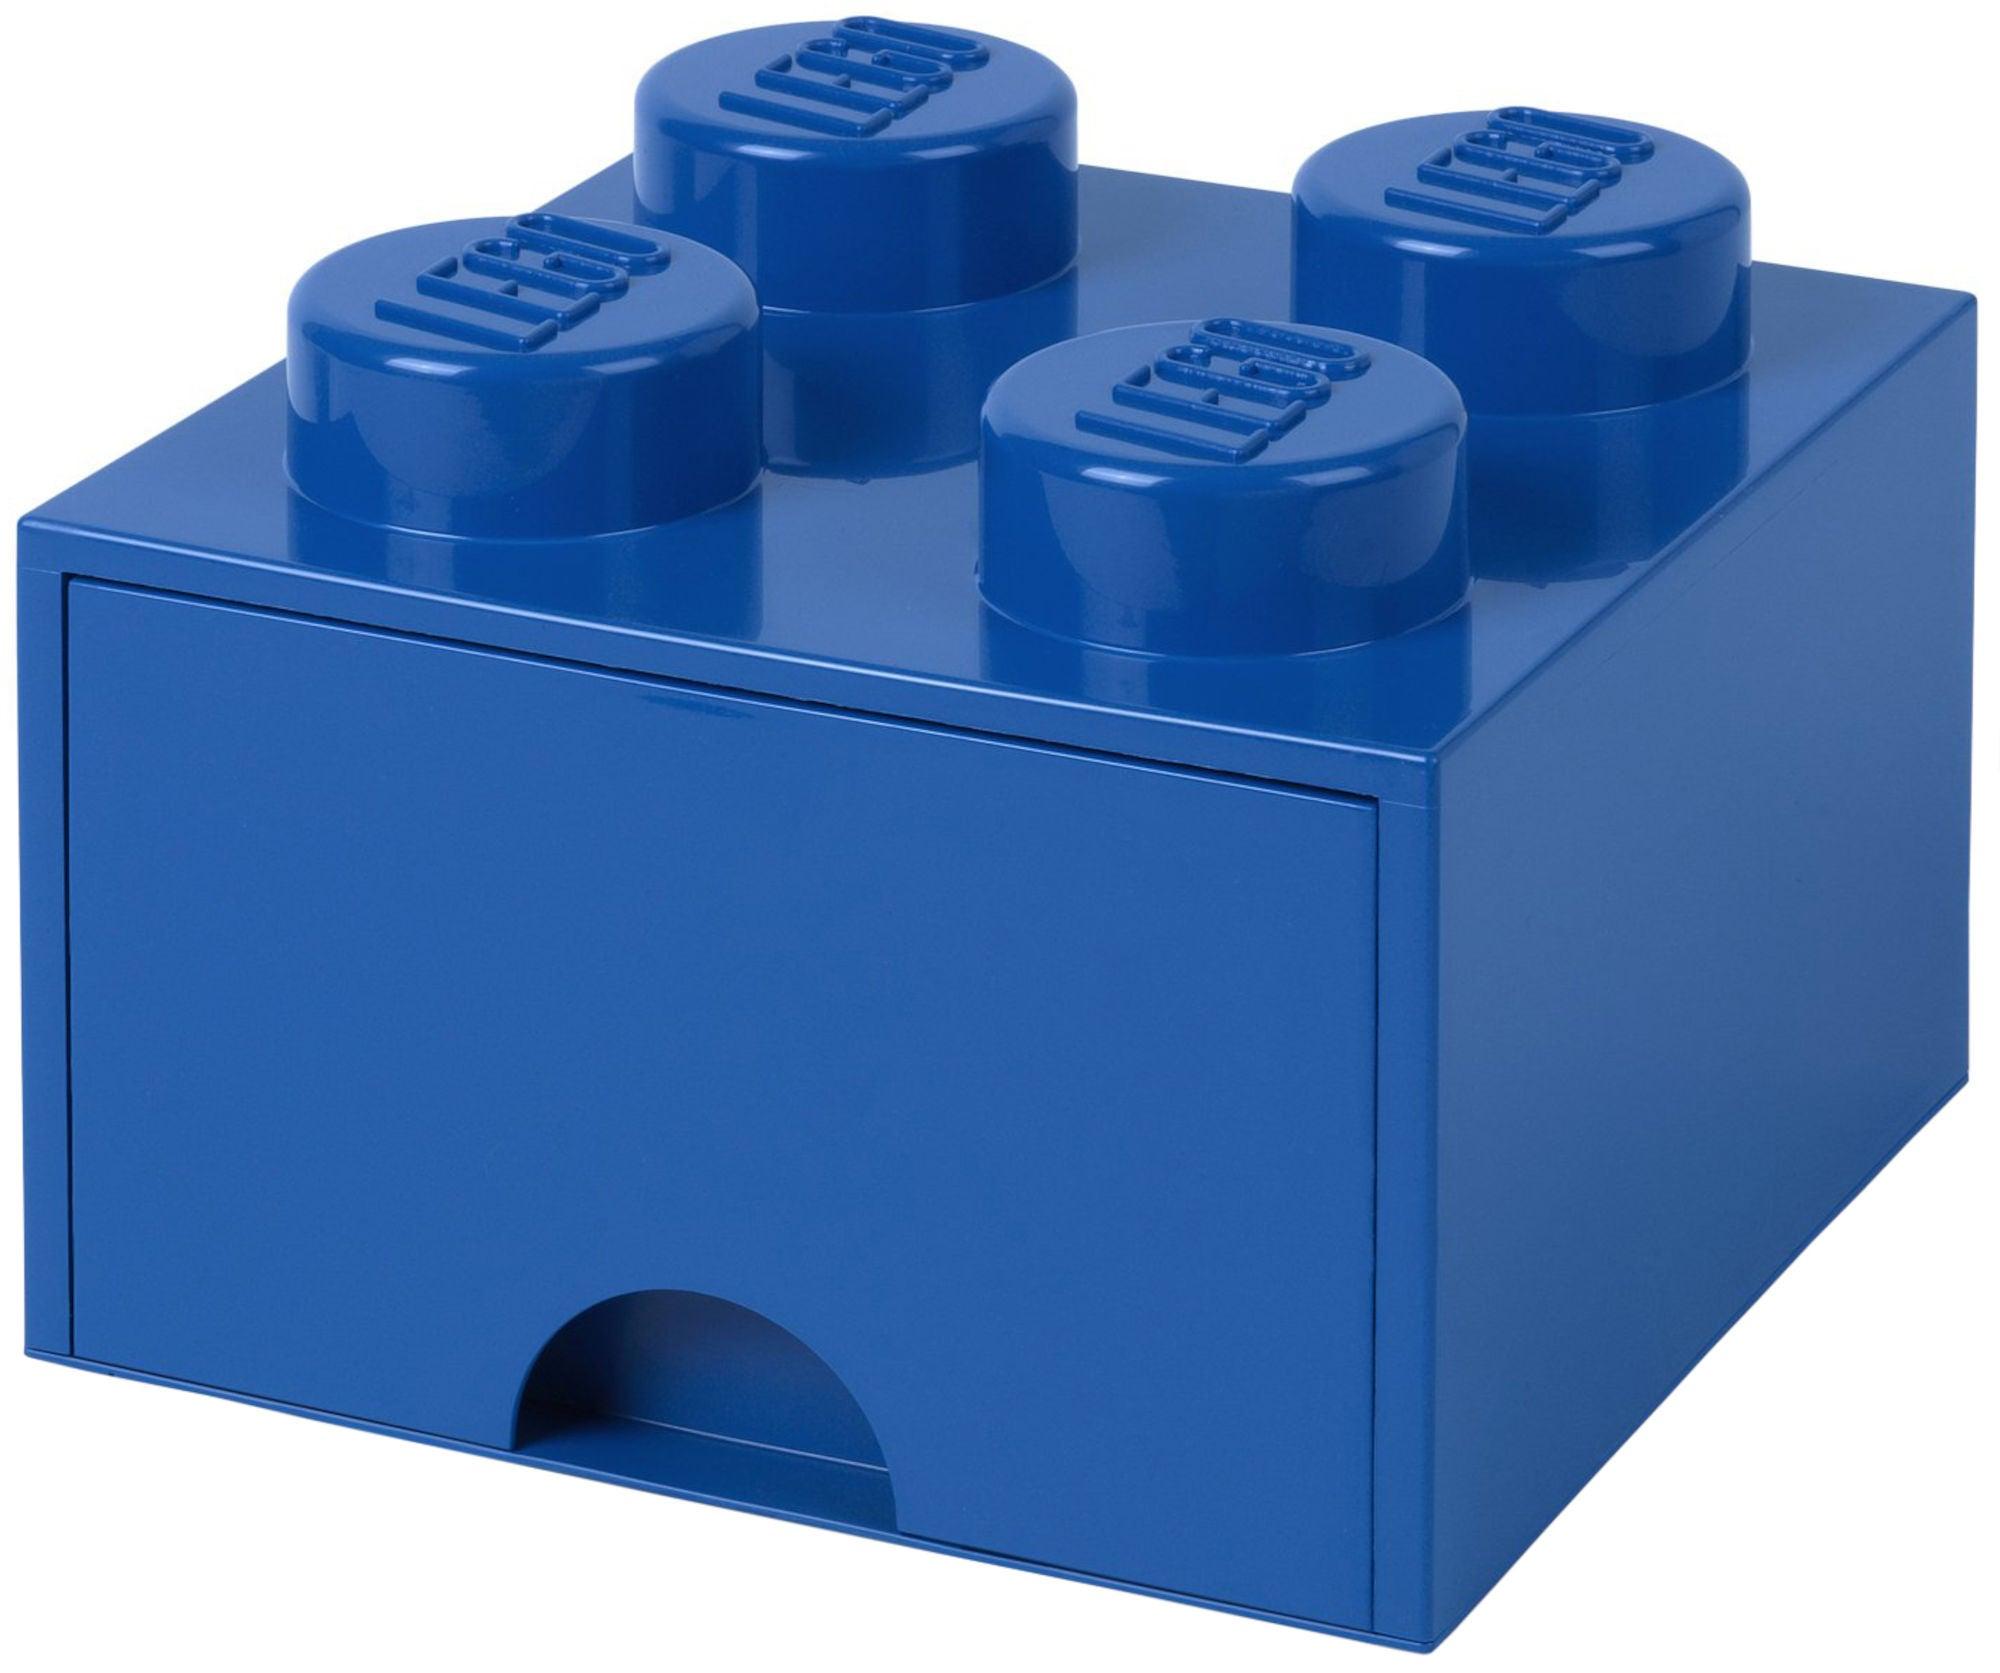 LEGO Förvaring med låda 4, Blå